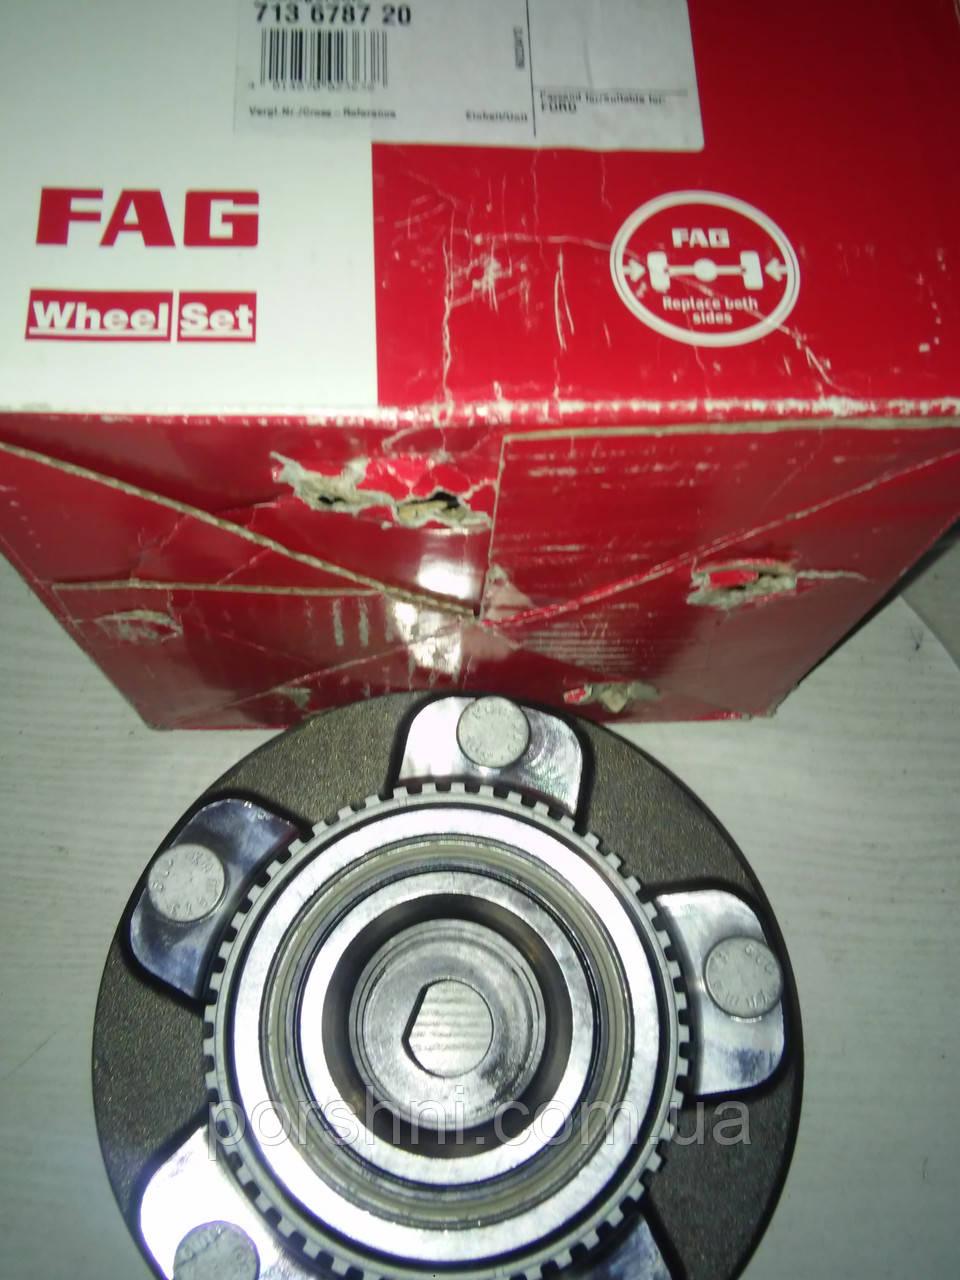 Ступица  задняя Ford Транзит 2.0 2001 --с ABS диски Ø 16. FAG 713 6787 20